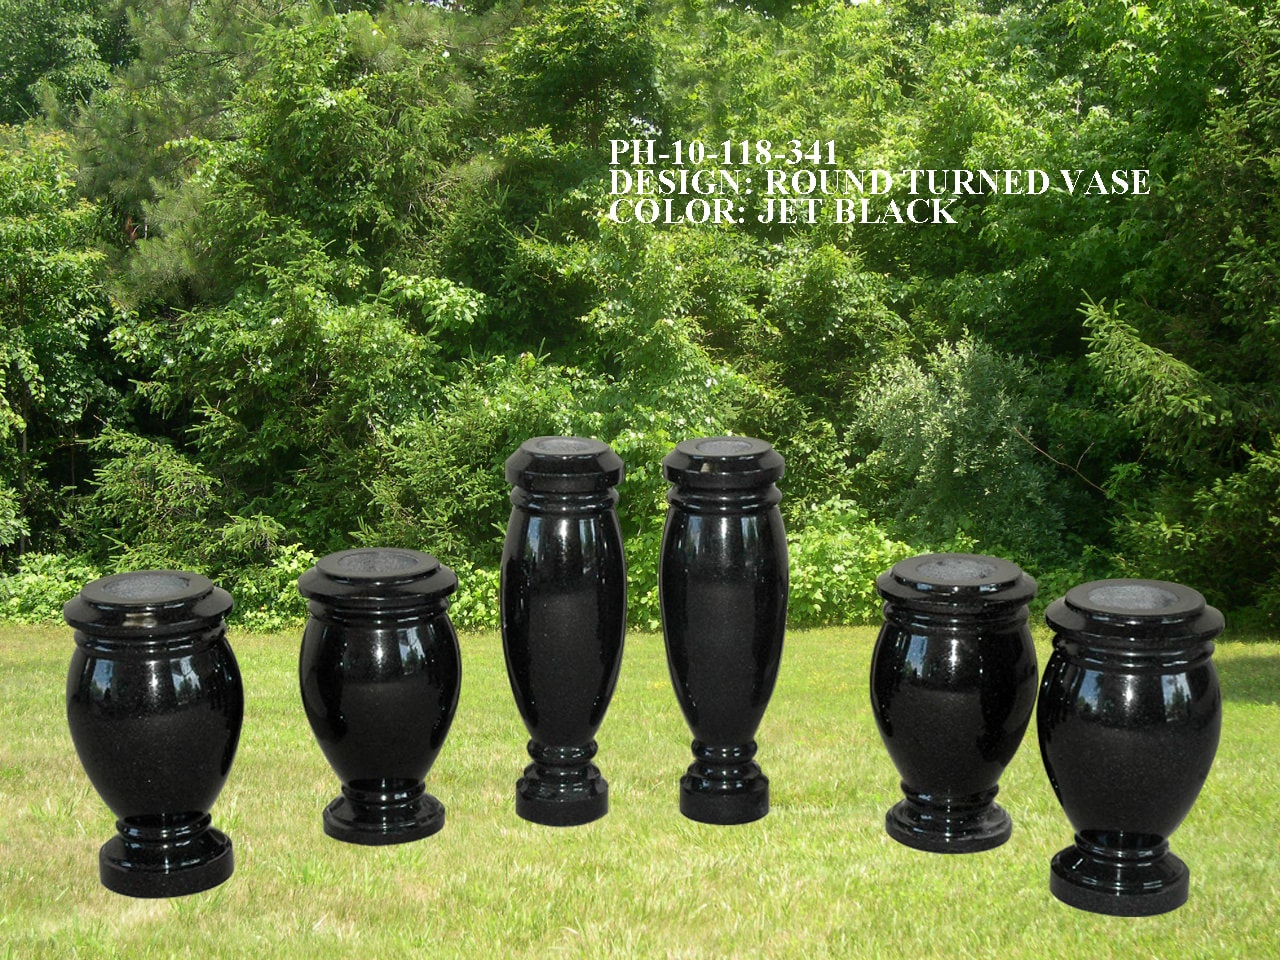 EG-10-118-341 / Jet Black / Round Turned Vases